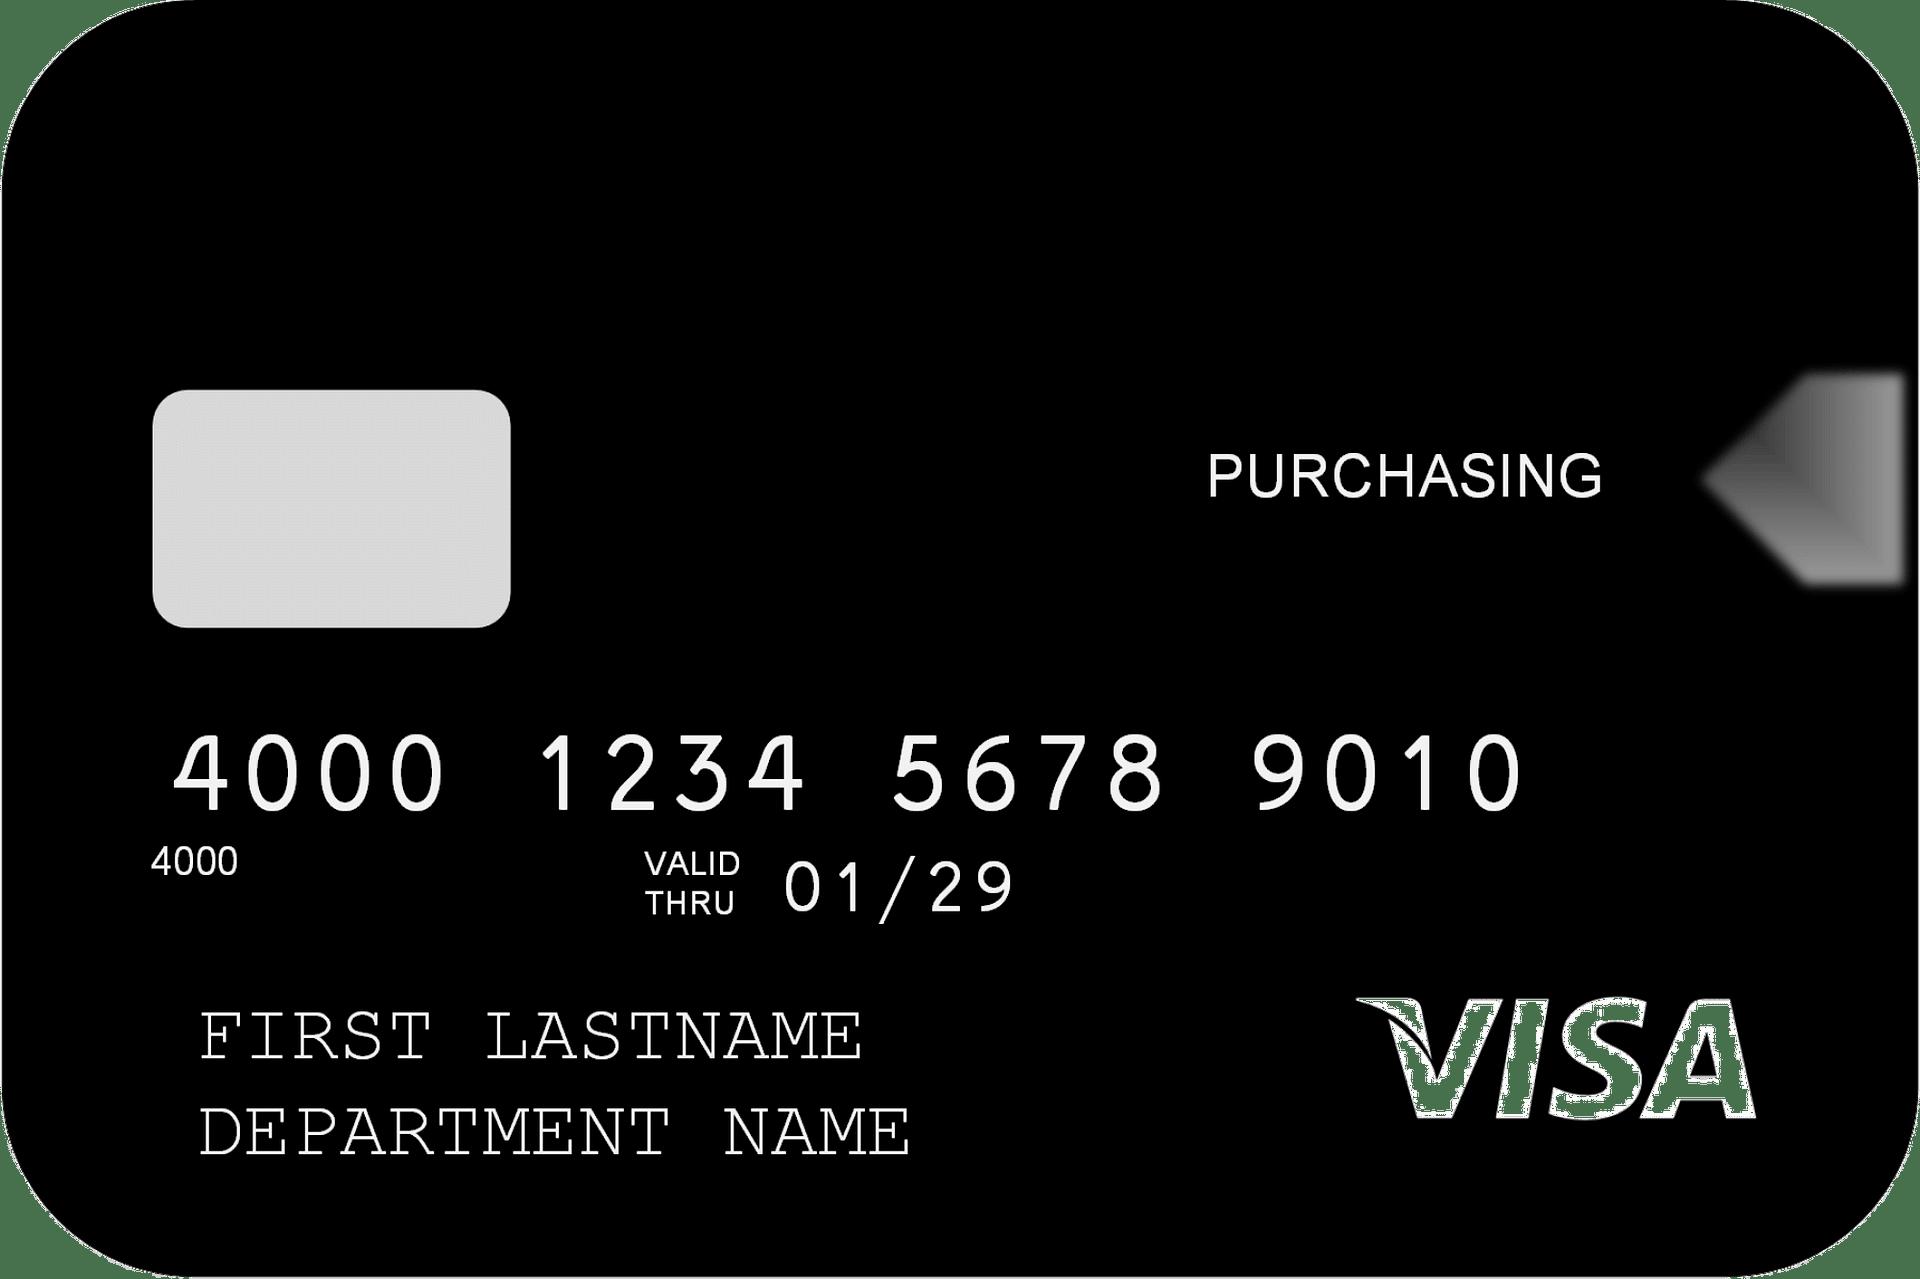 O Seguro Viagem Visa compensa?